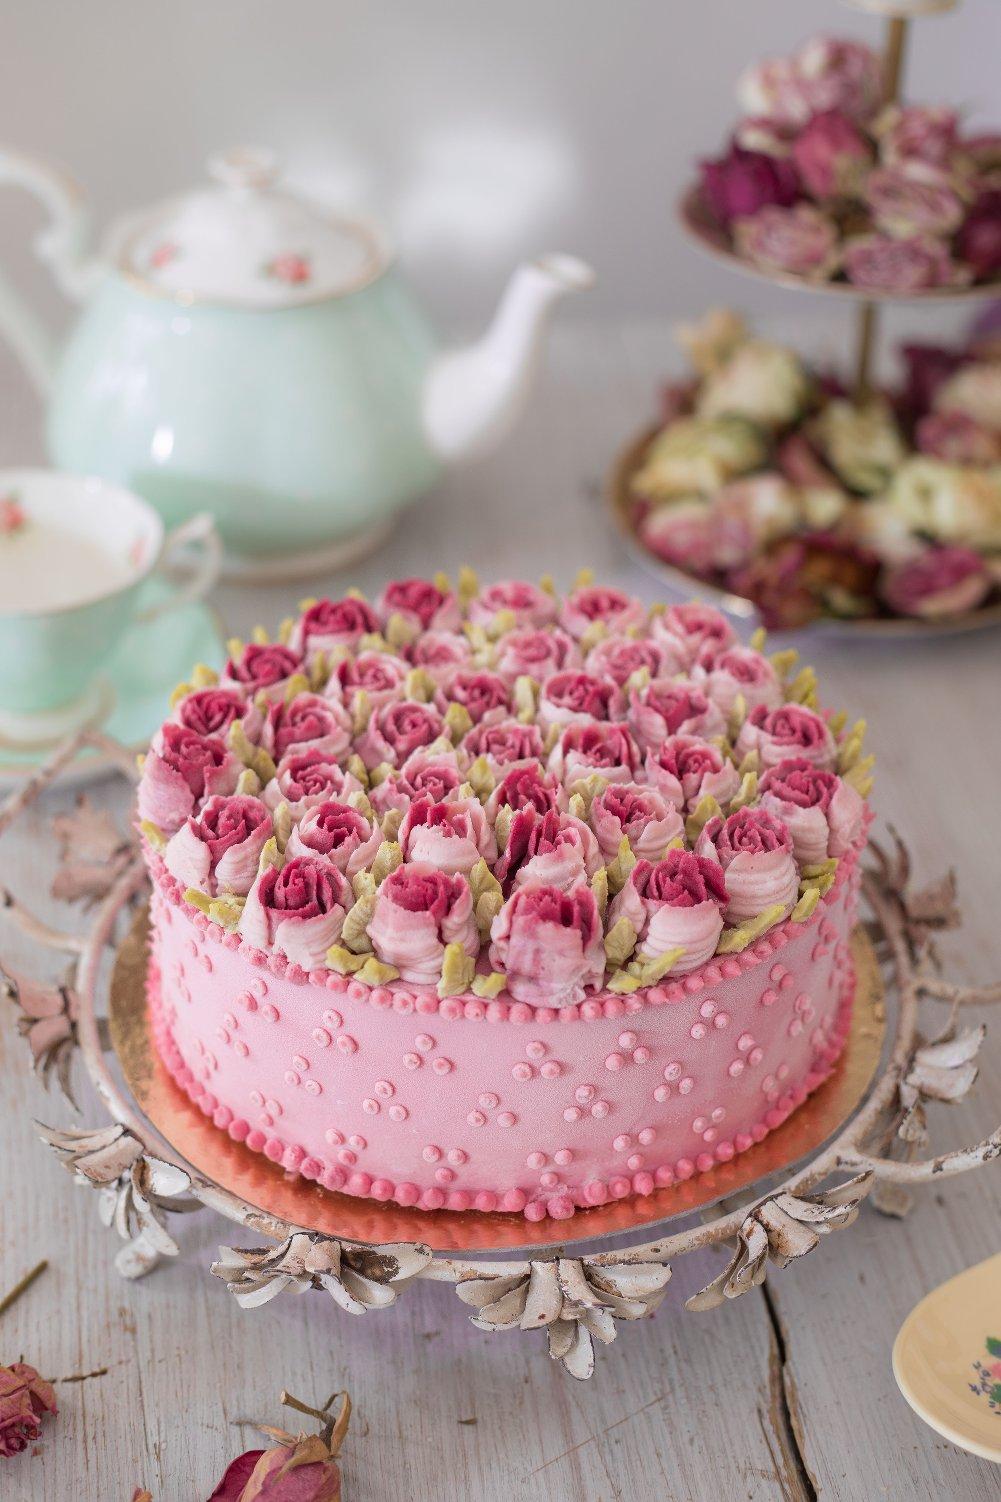 Order Strawberry Shortcake Birthday Cake